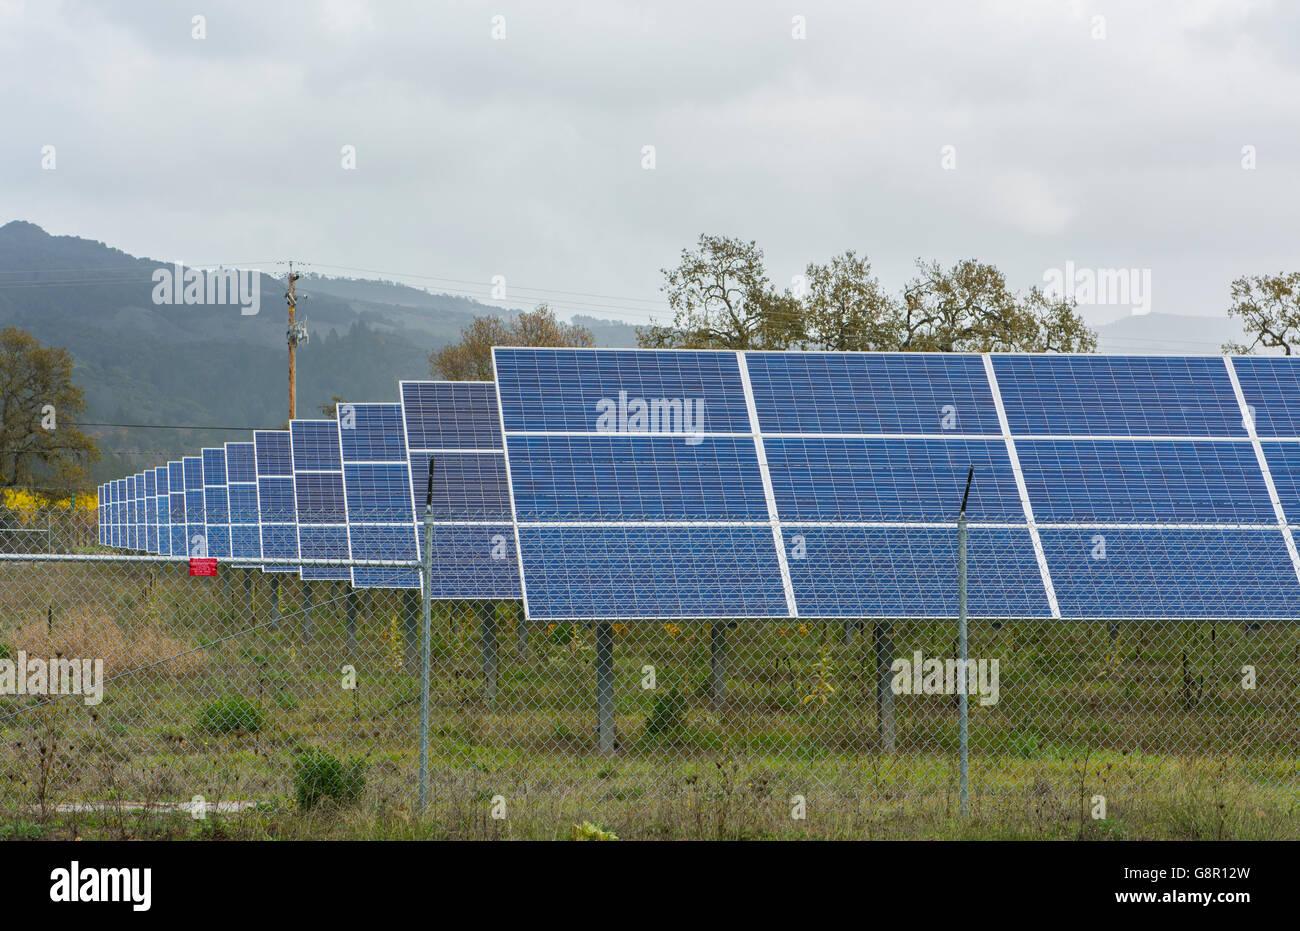 La Vallée de Sonoma en Californie, des panneaux solaires pour économiser de l'électricité Photo Stock